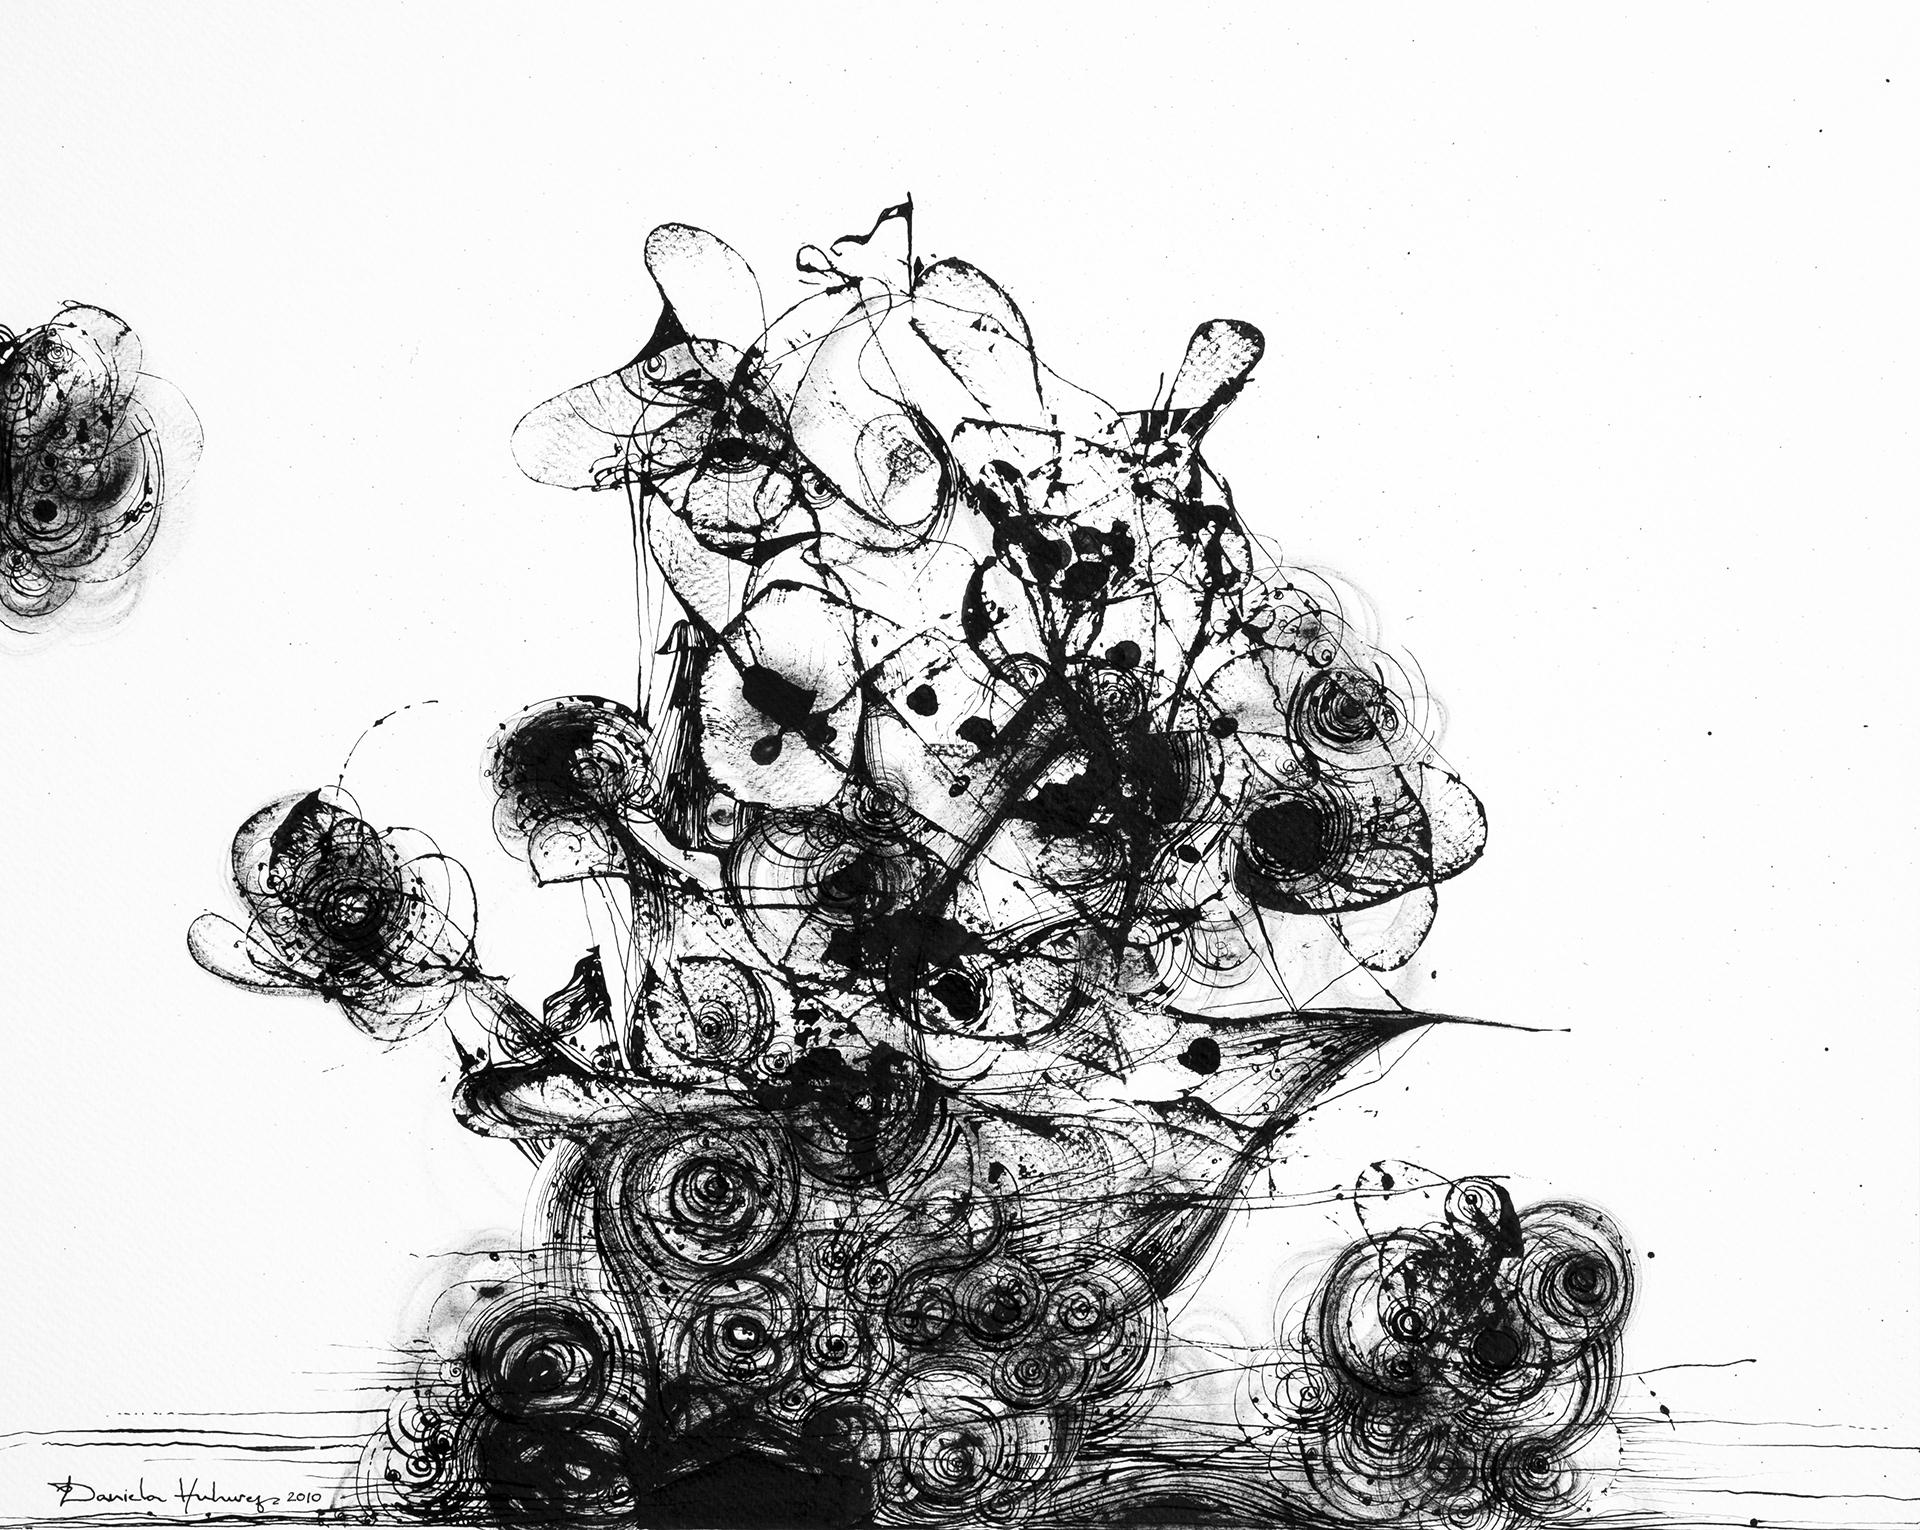 Grafică - See Storm, 2010, tuș pe hârtie, 39×49 cm